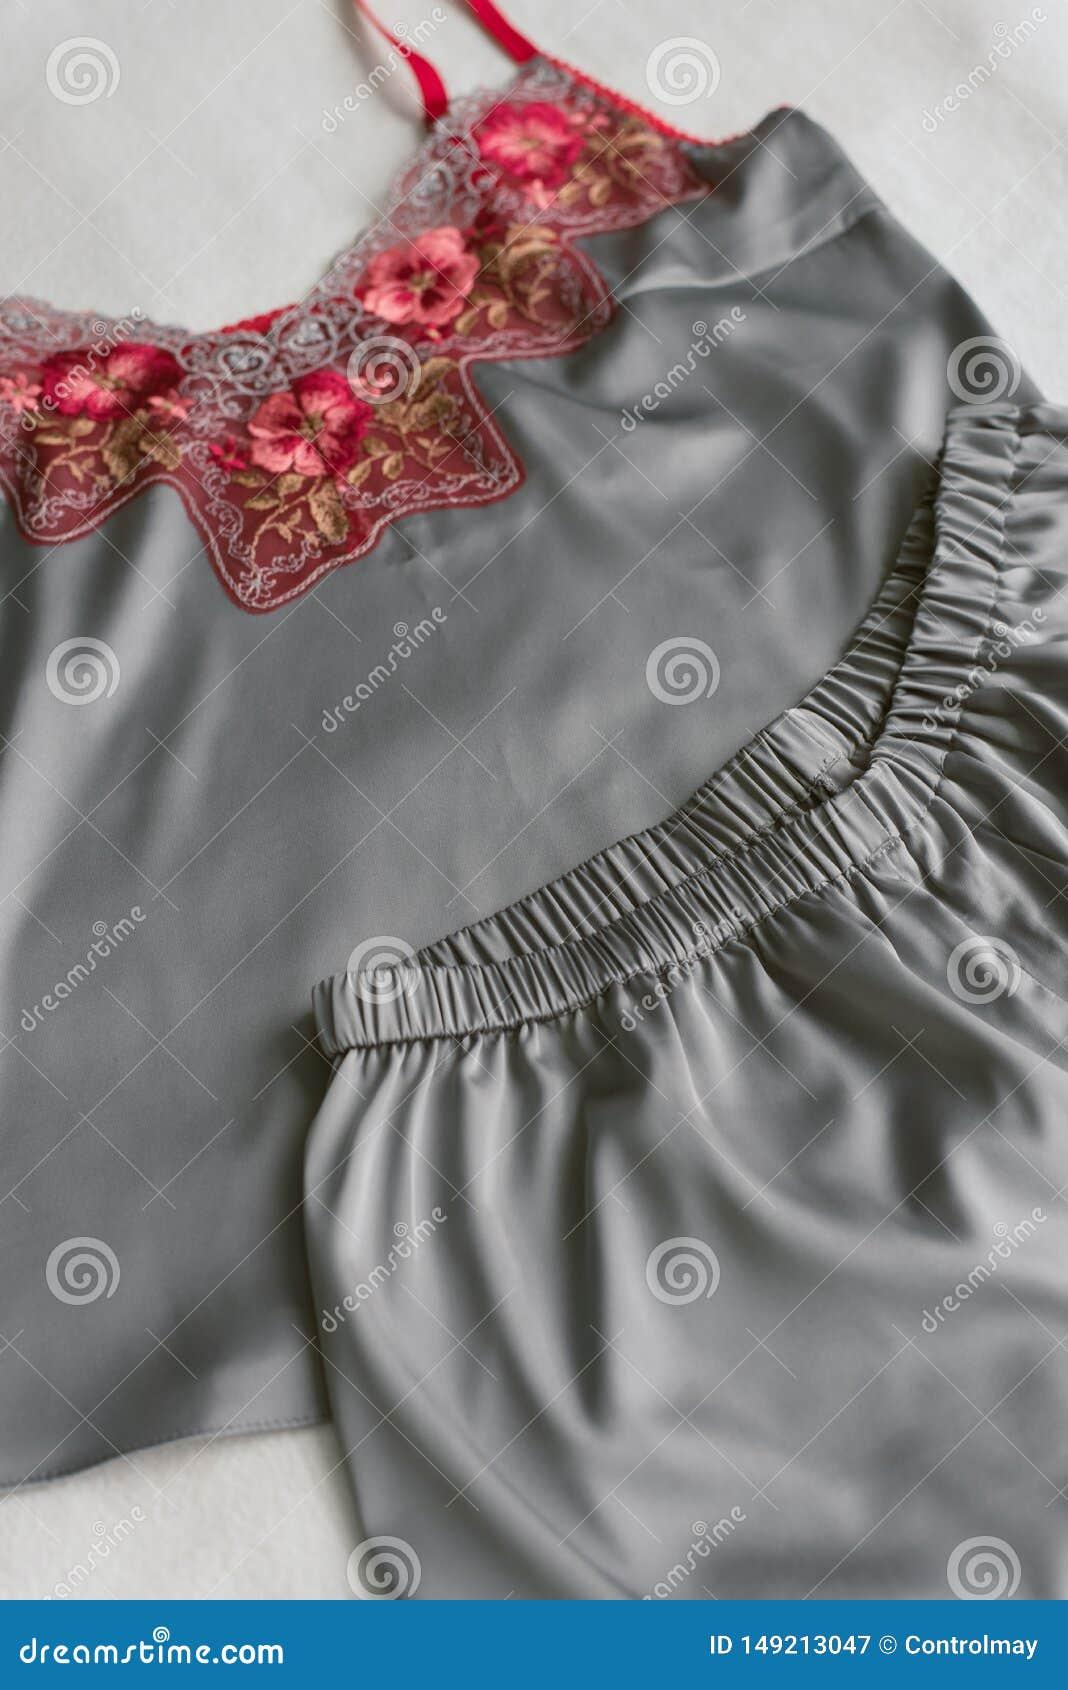 Pijamas de seda hechos en casa que mienten en la cama sin cualquier persona pijamas grises con el cordón rojo en un fondo beige